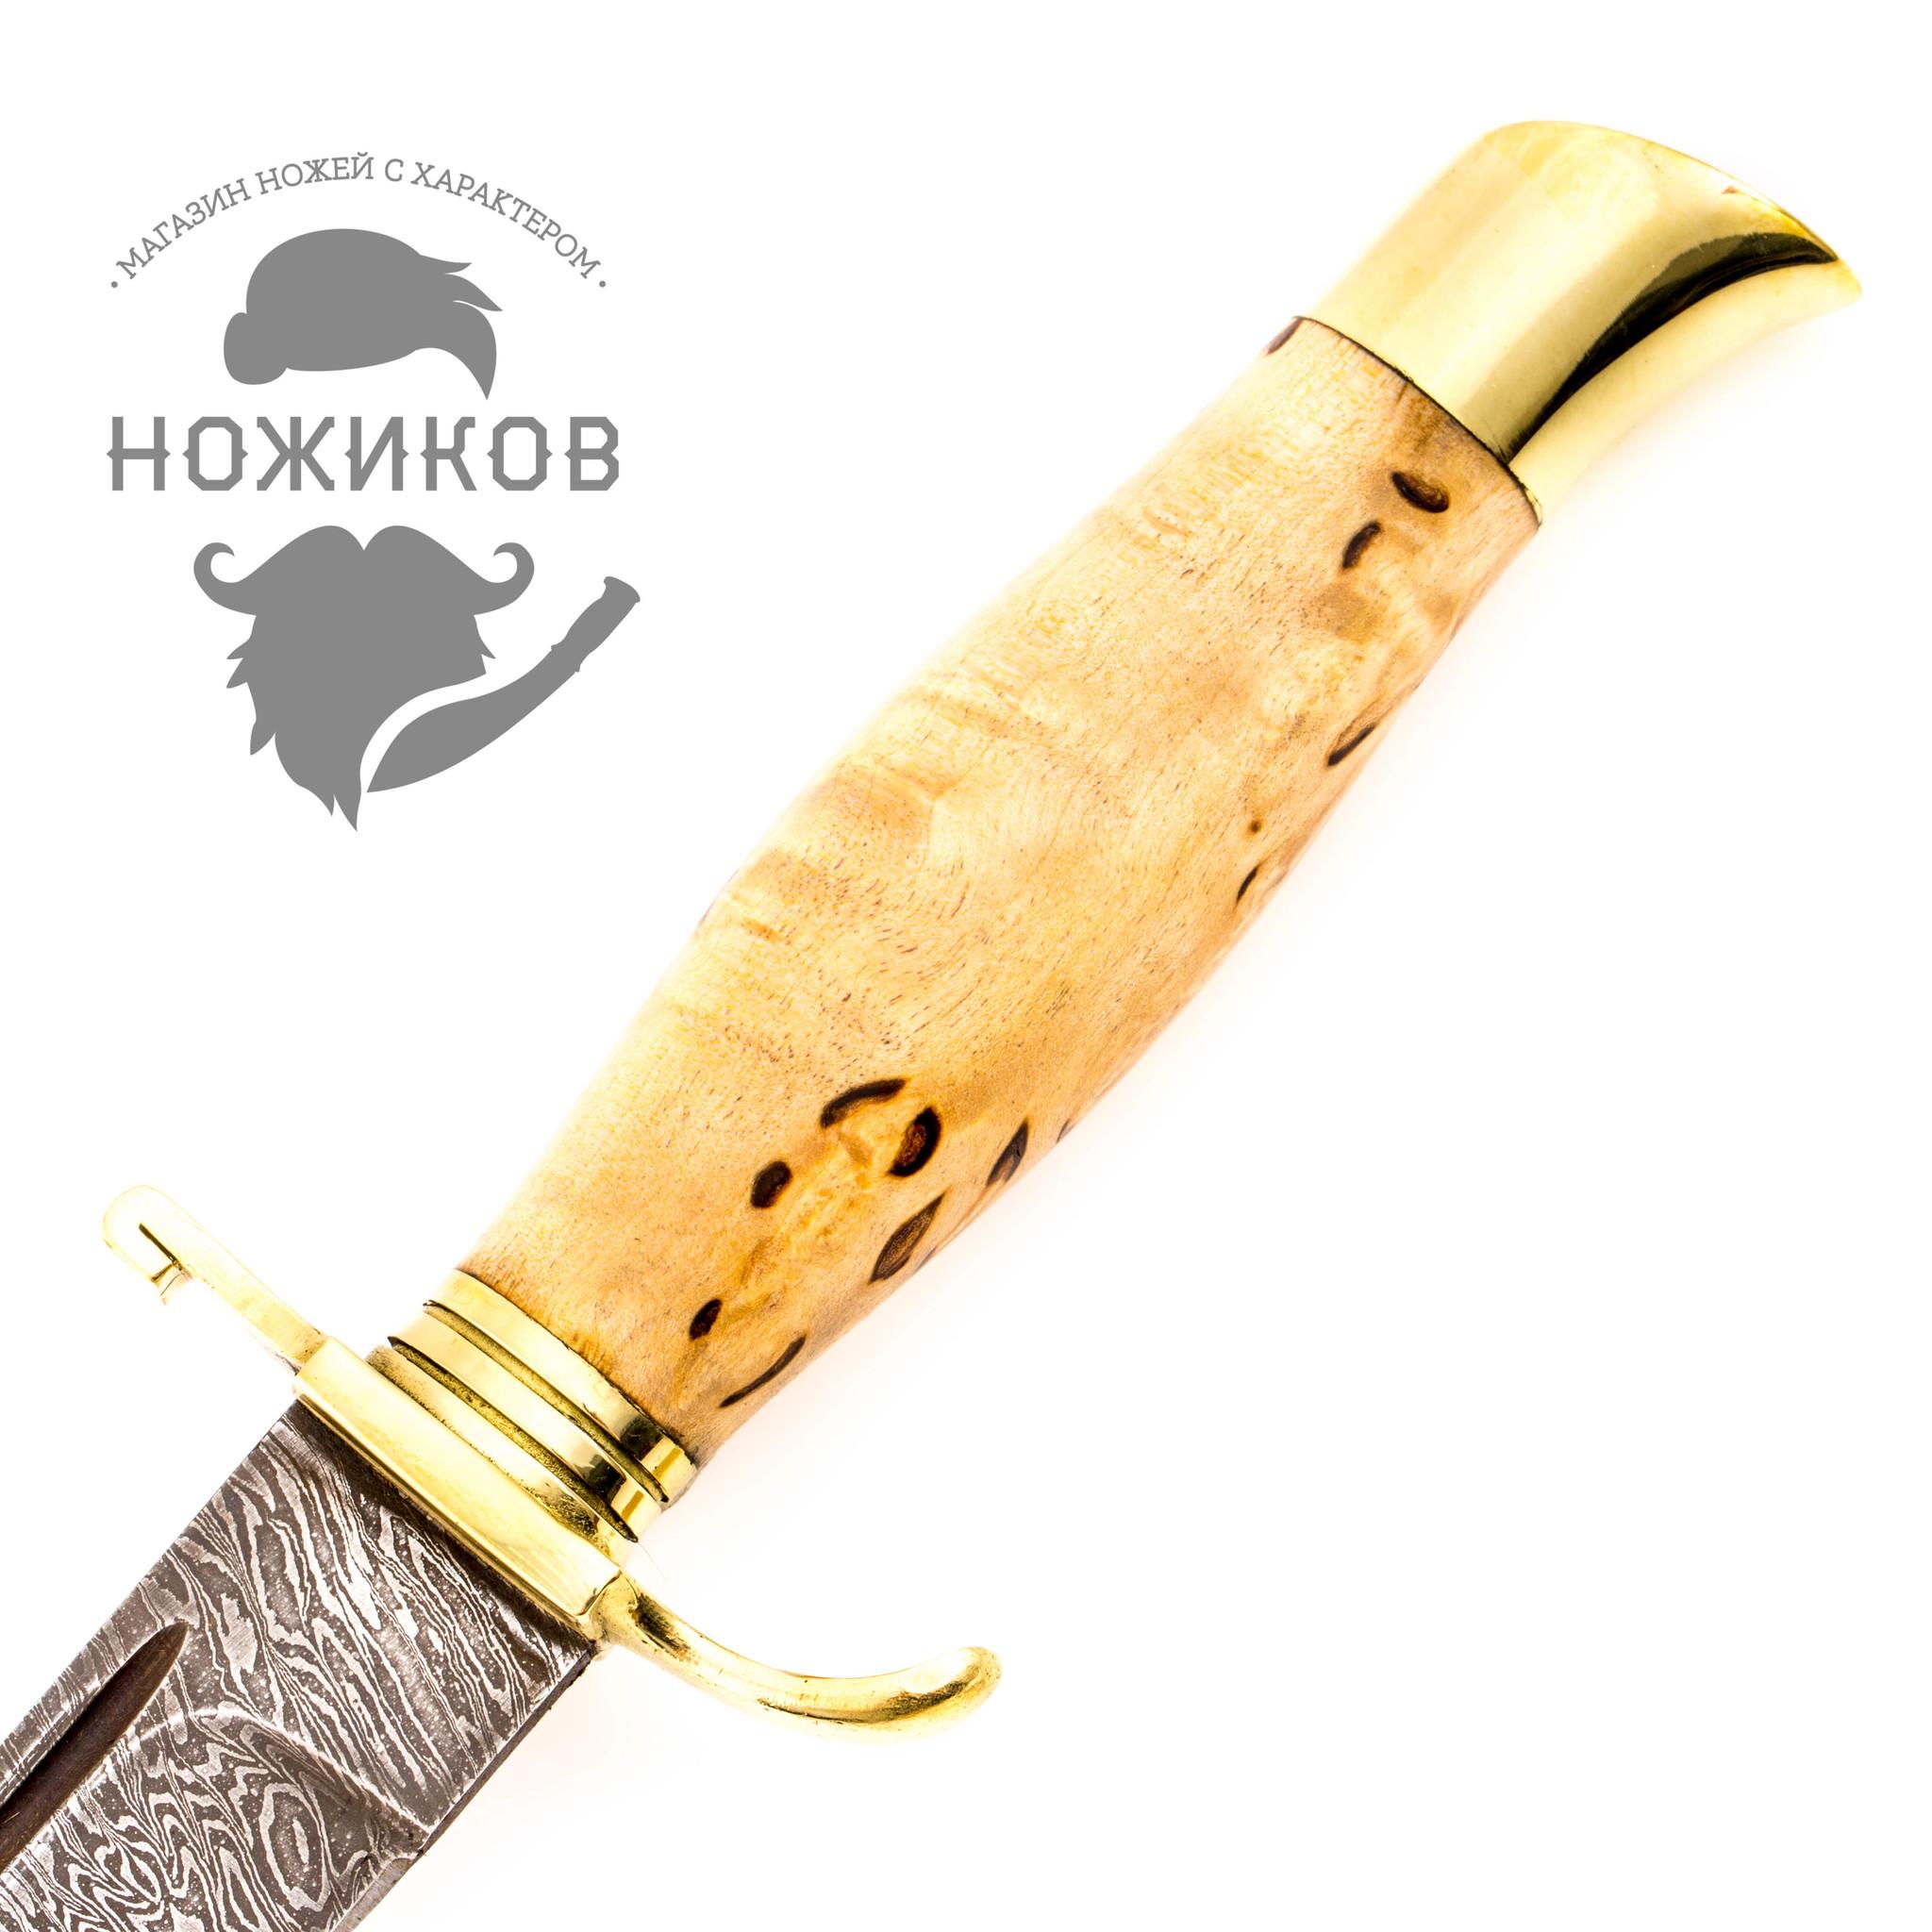 Фото 16 - Нож Финка НКВД, сталь дамаск, карельская береза от Промтехснаб